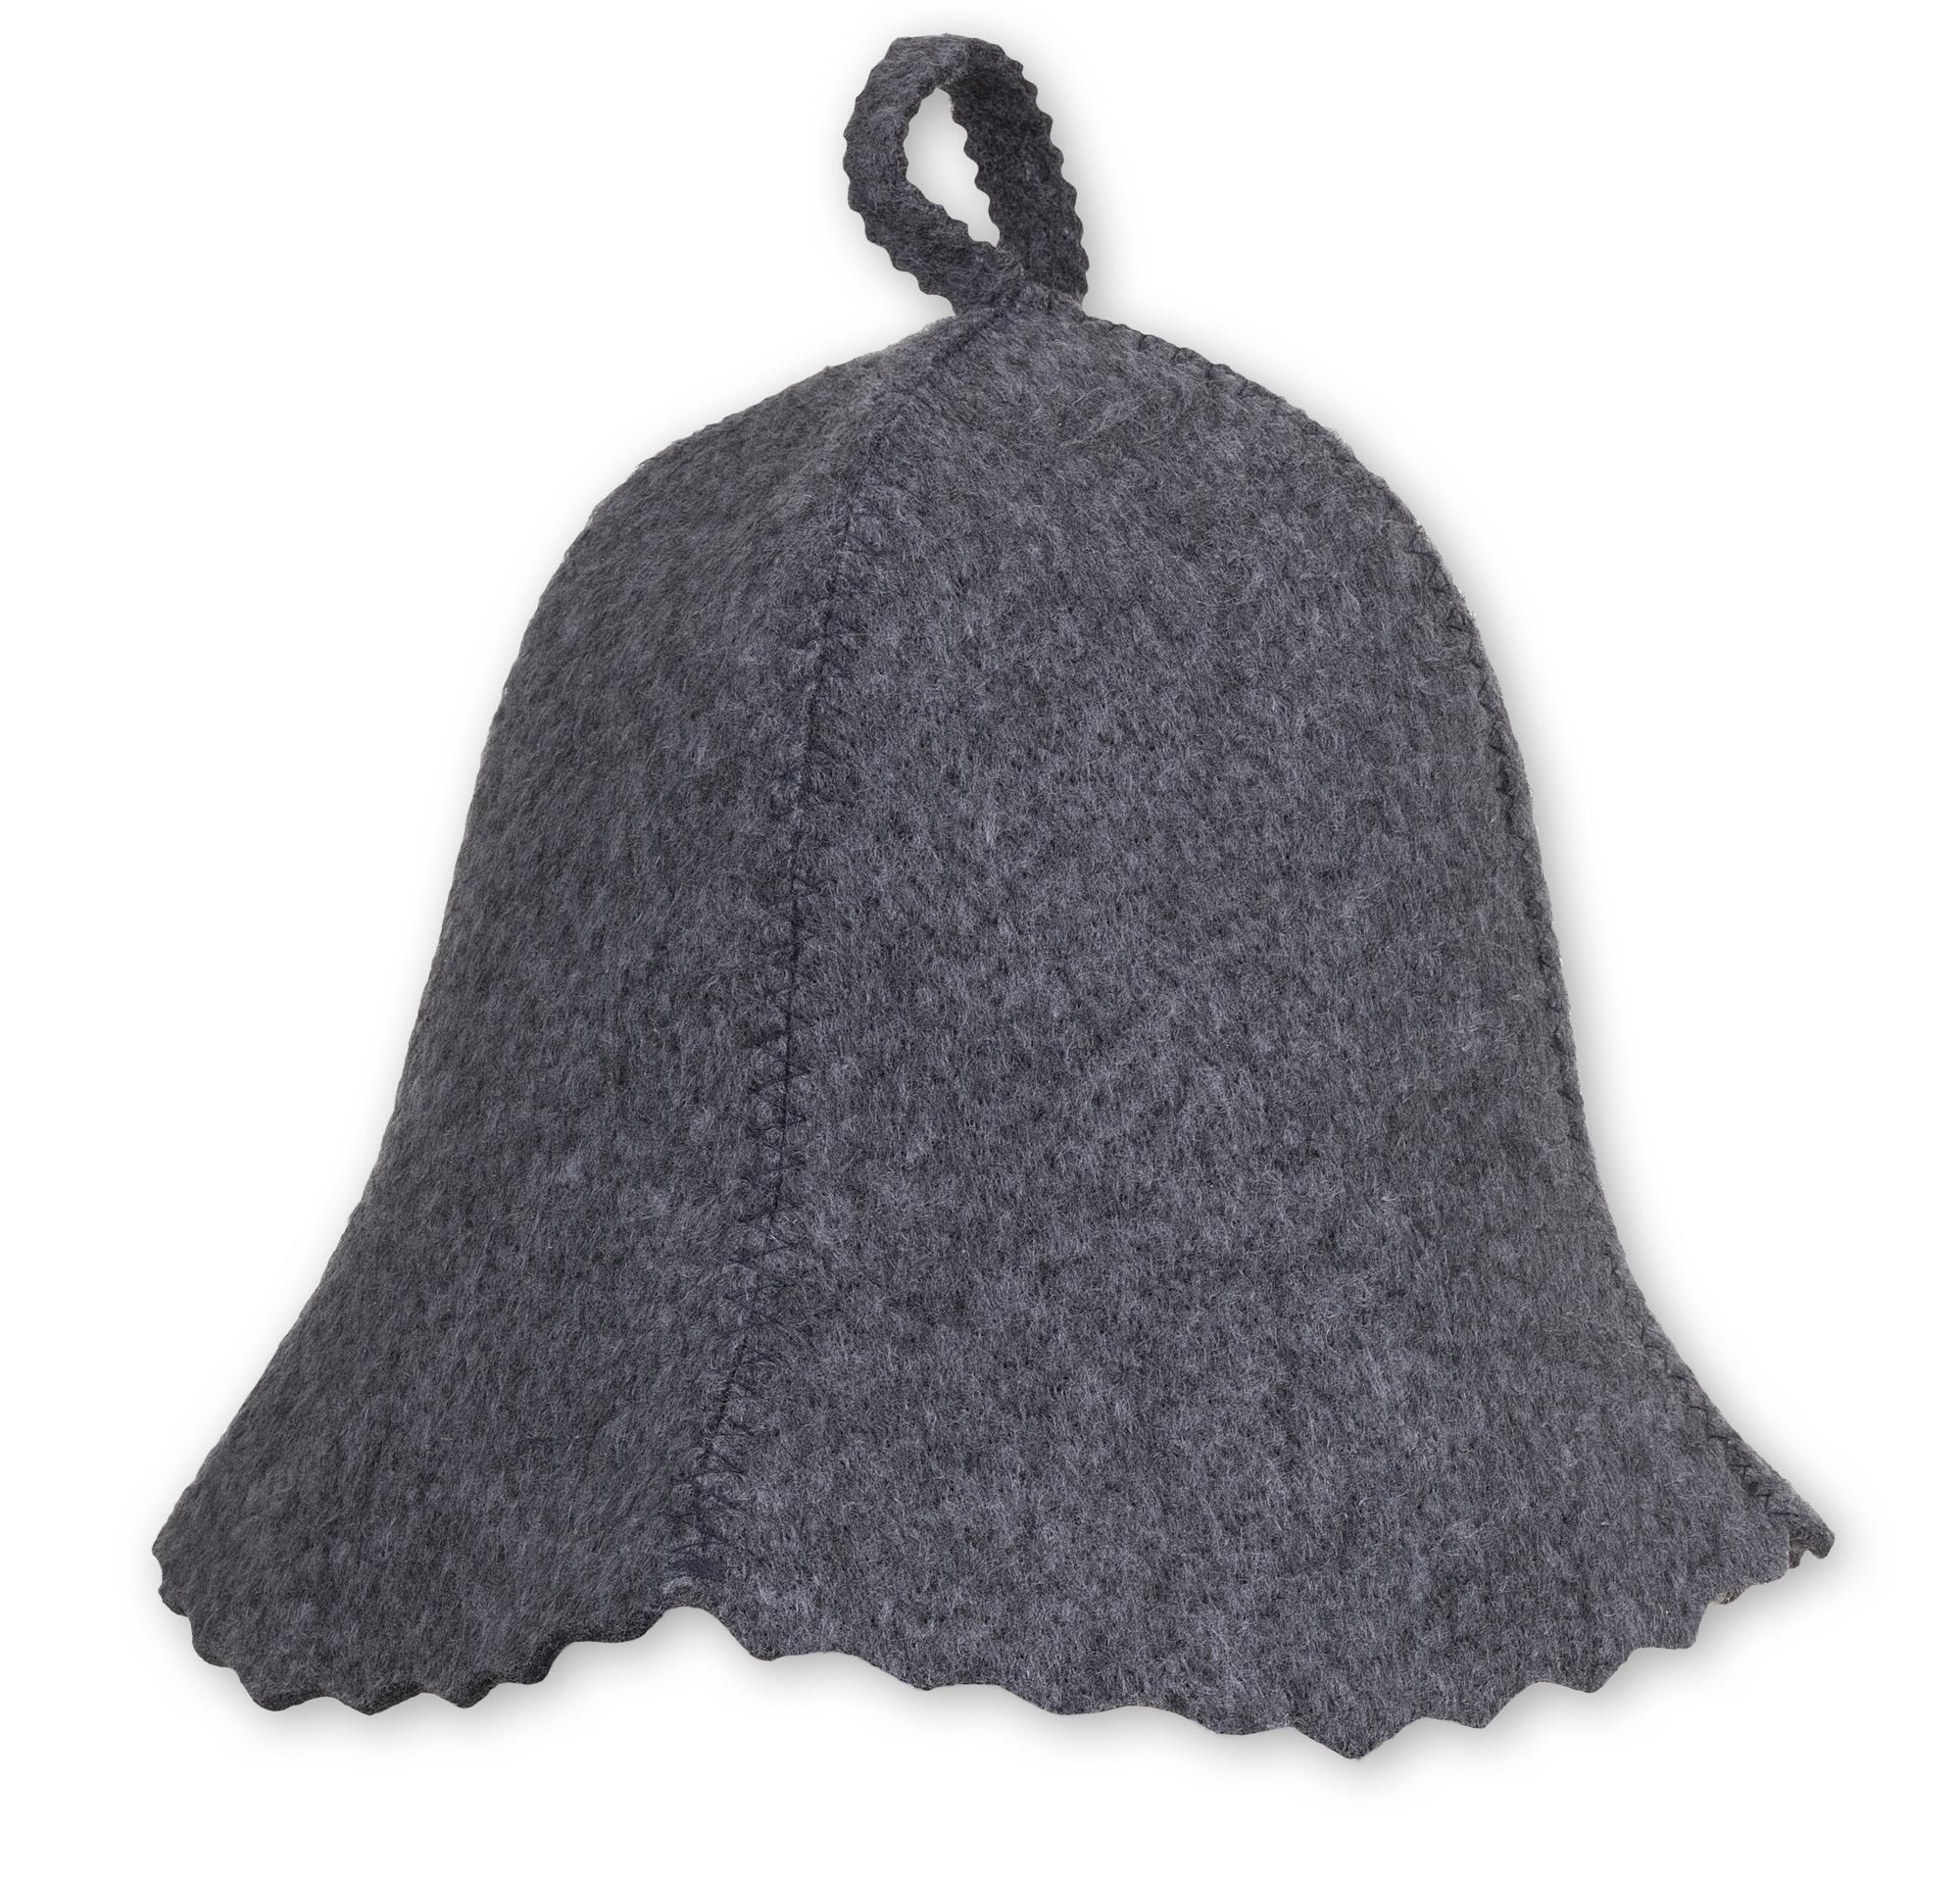 САУНА шапка войлок серая для САУНУ- Универсальная